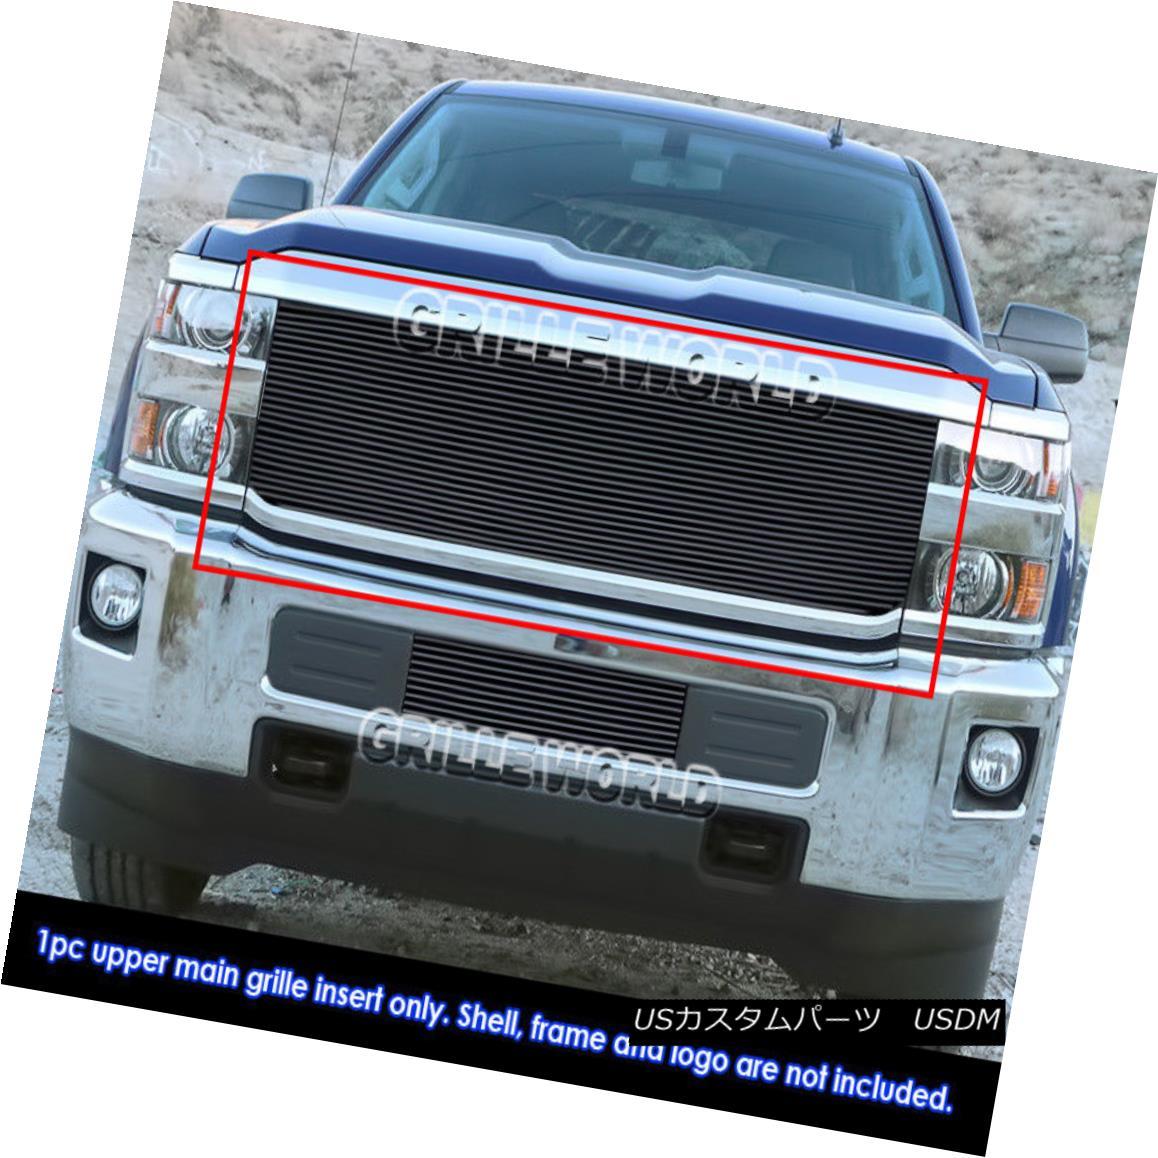 グリル Fits 2015-2018 Chevy 2500HD/ 3500HD Main Black Billet Grille Insert フィット2015-2018 Chevy 2500HD / 3500HDメインブラックビレットグリルインサート